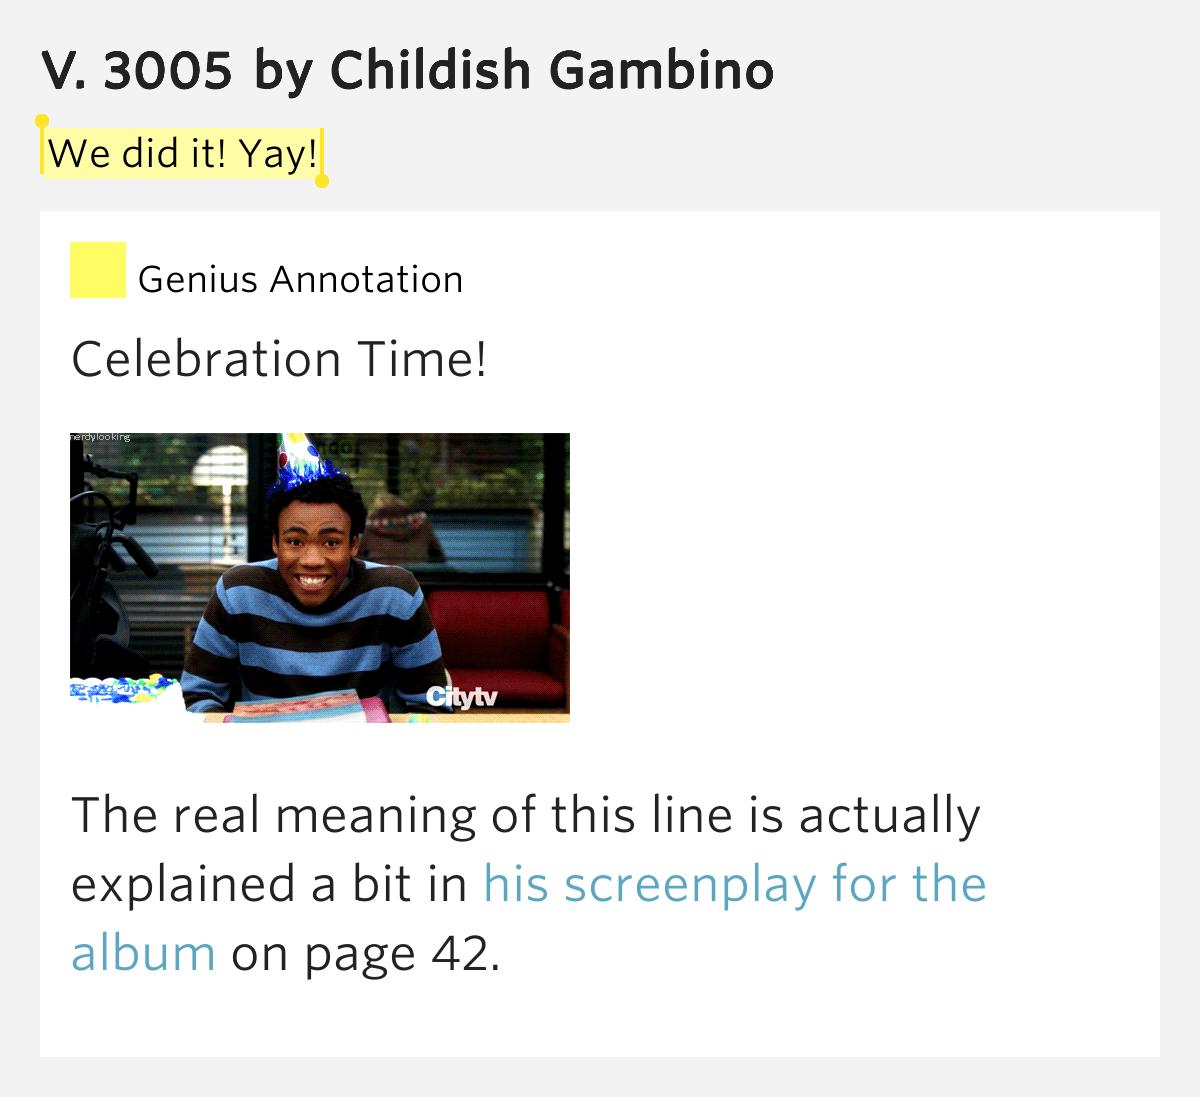 childish gambino lyrics 3005 - photo #12